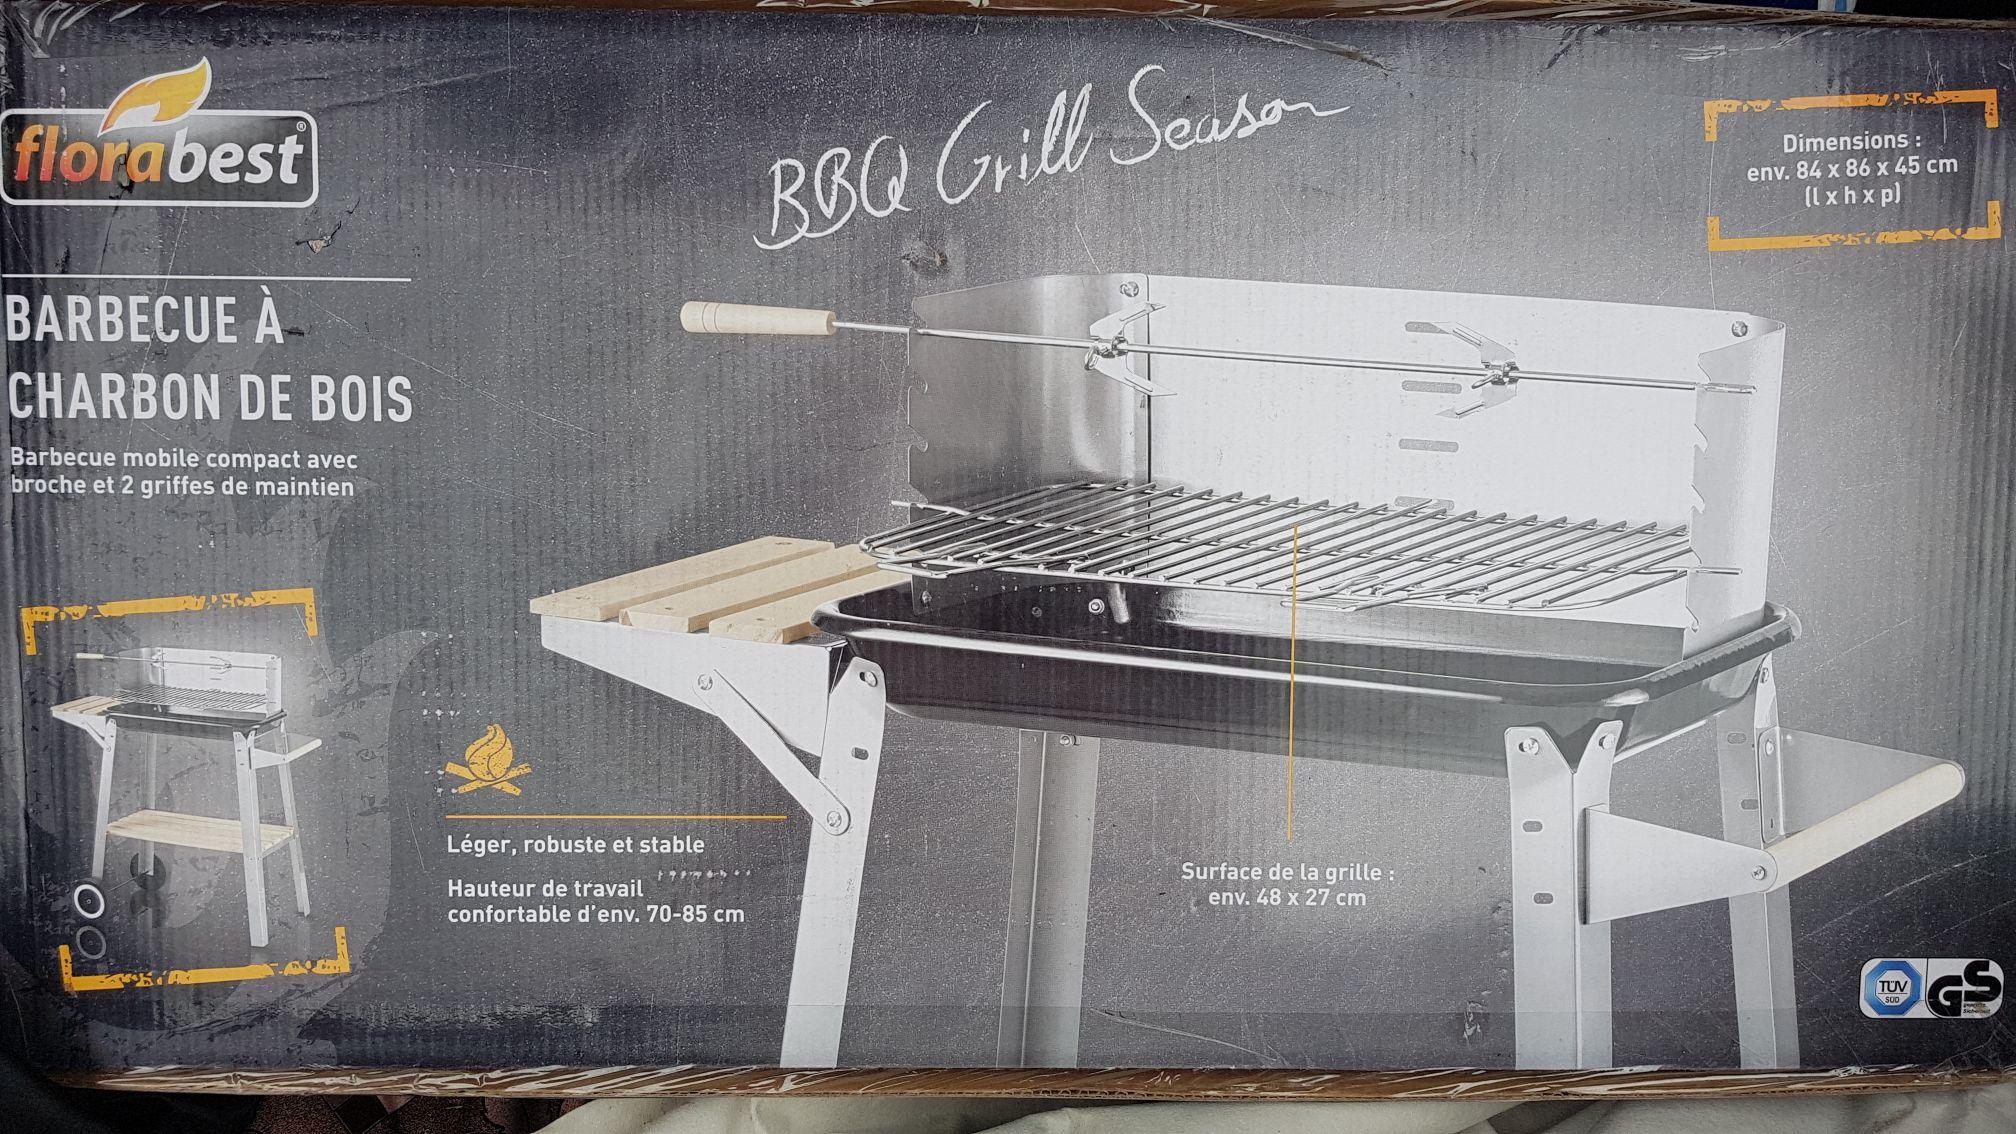 Barbecue à charbon de bois - Lidl Castanet (31)